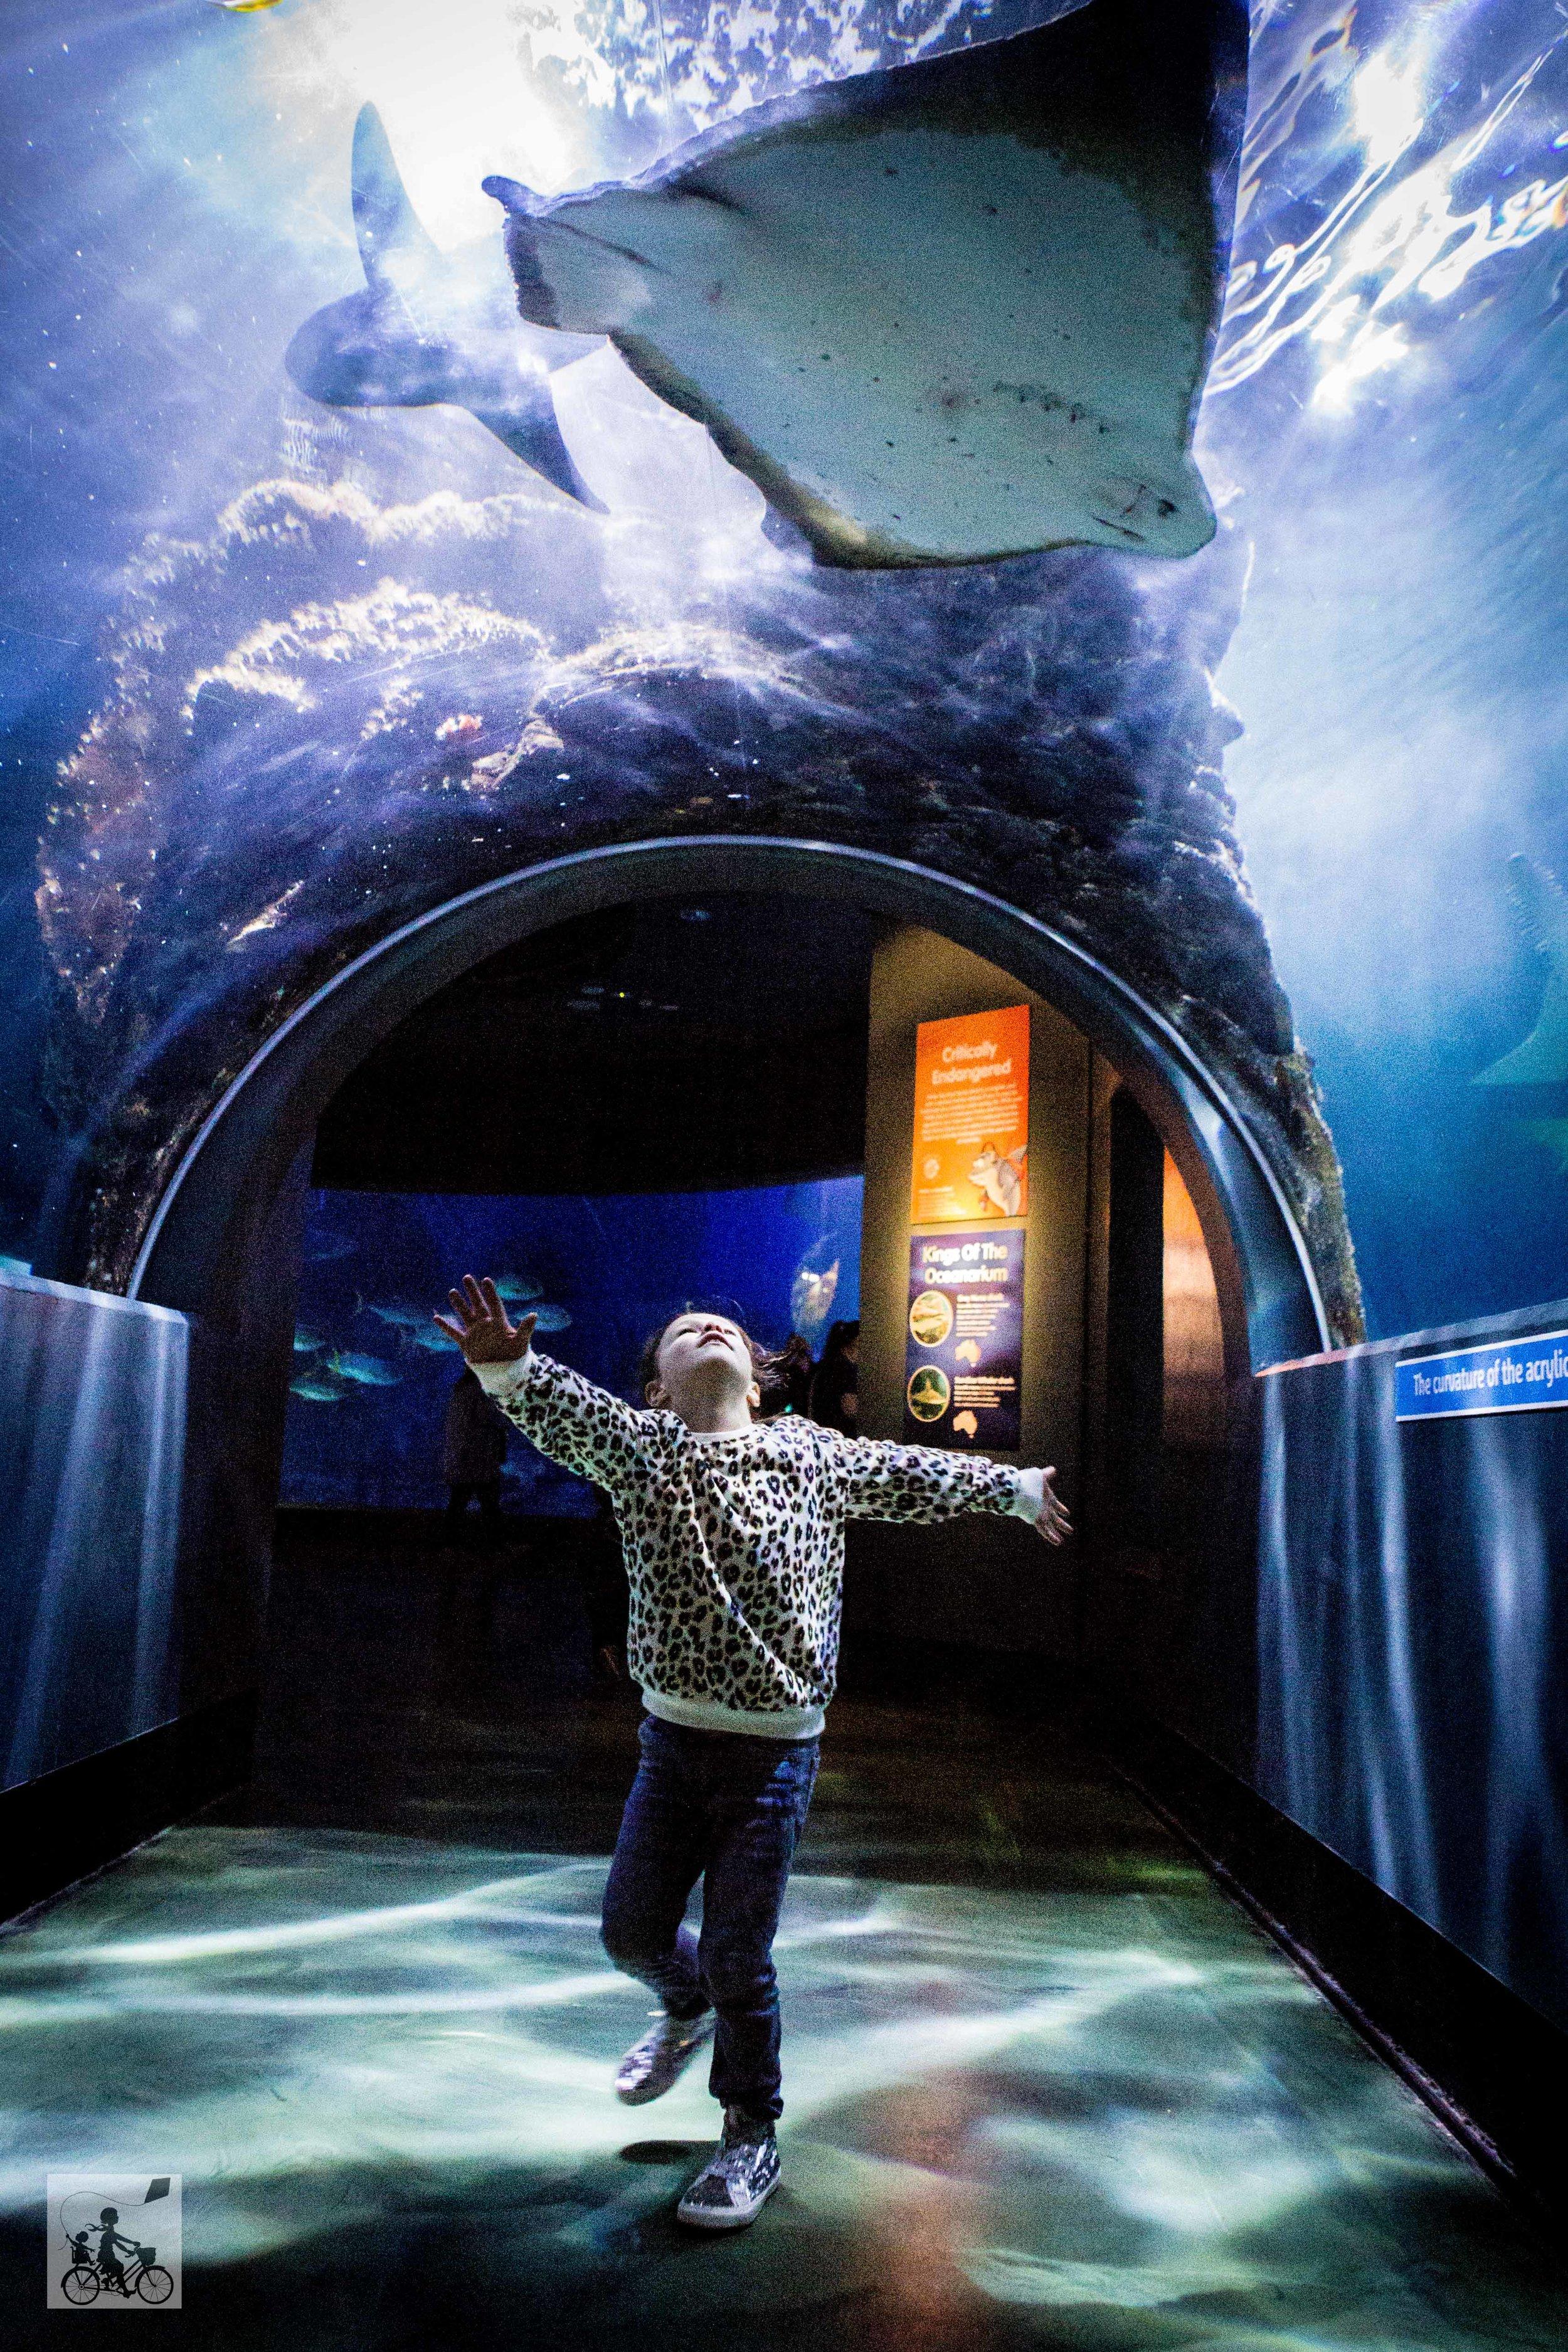 Sealife Aquarium - Mamma Knows East (23 of 52).jpg